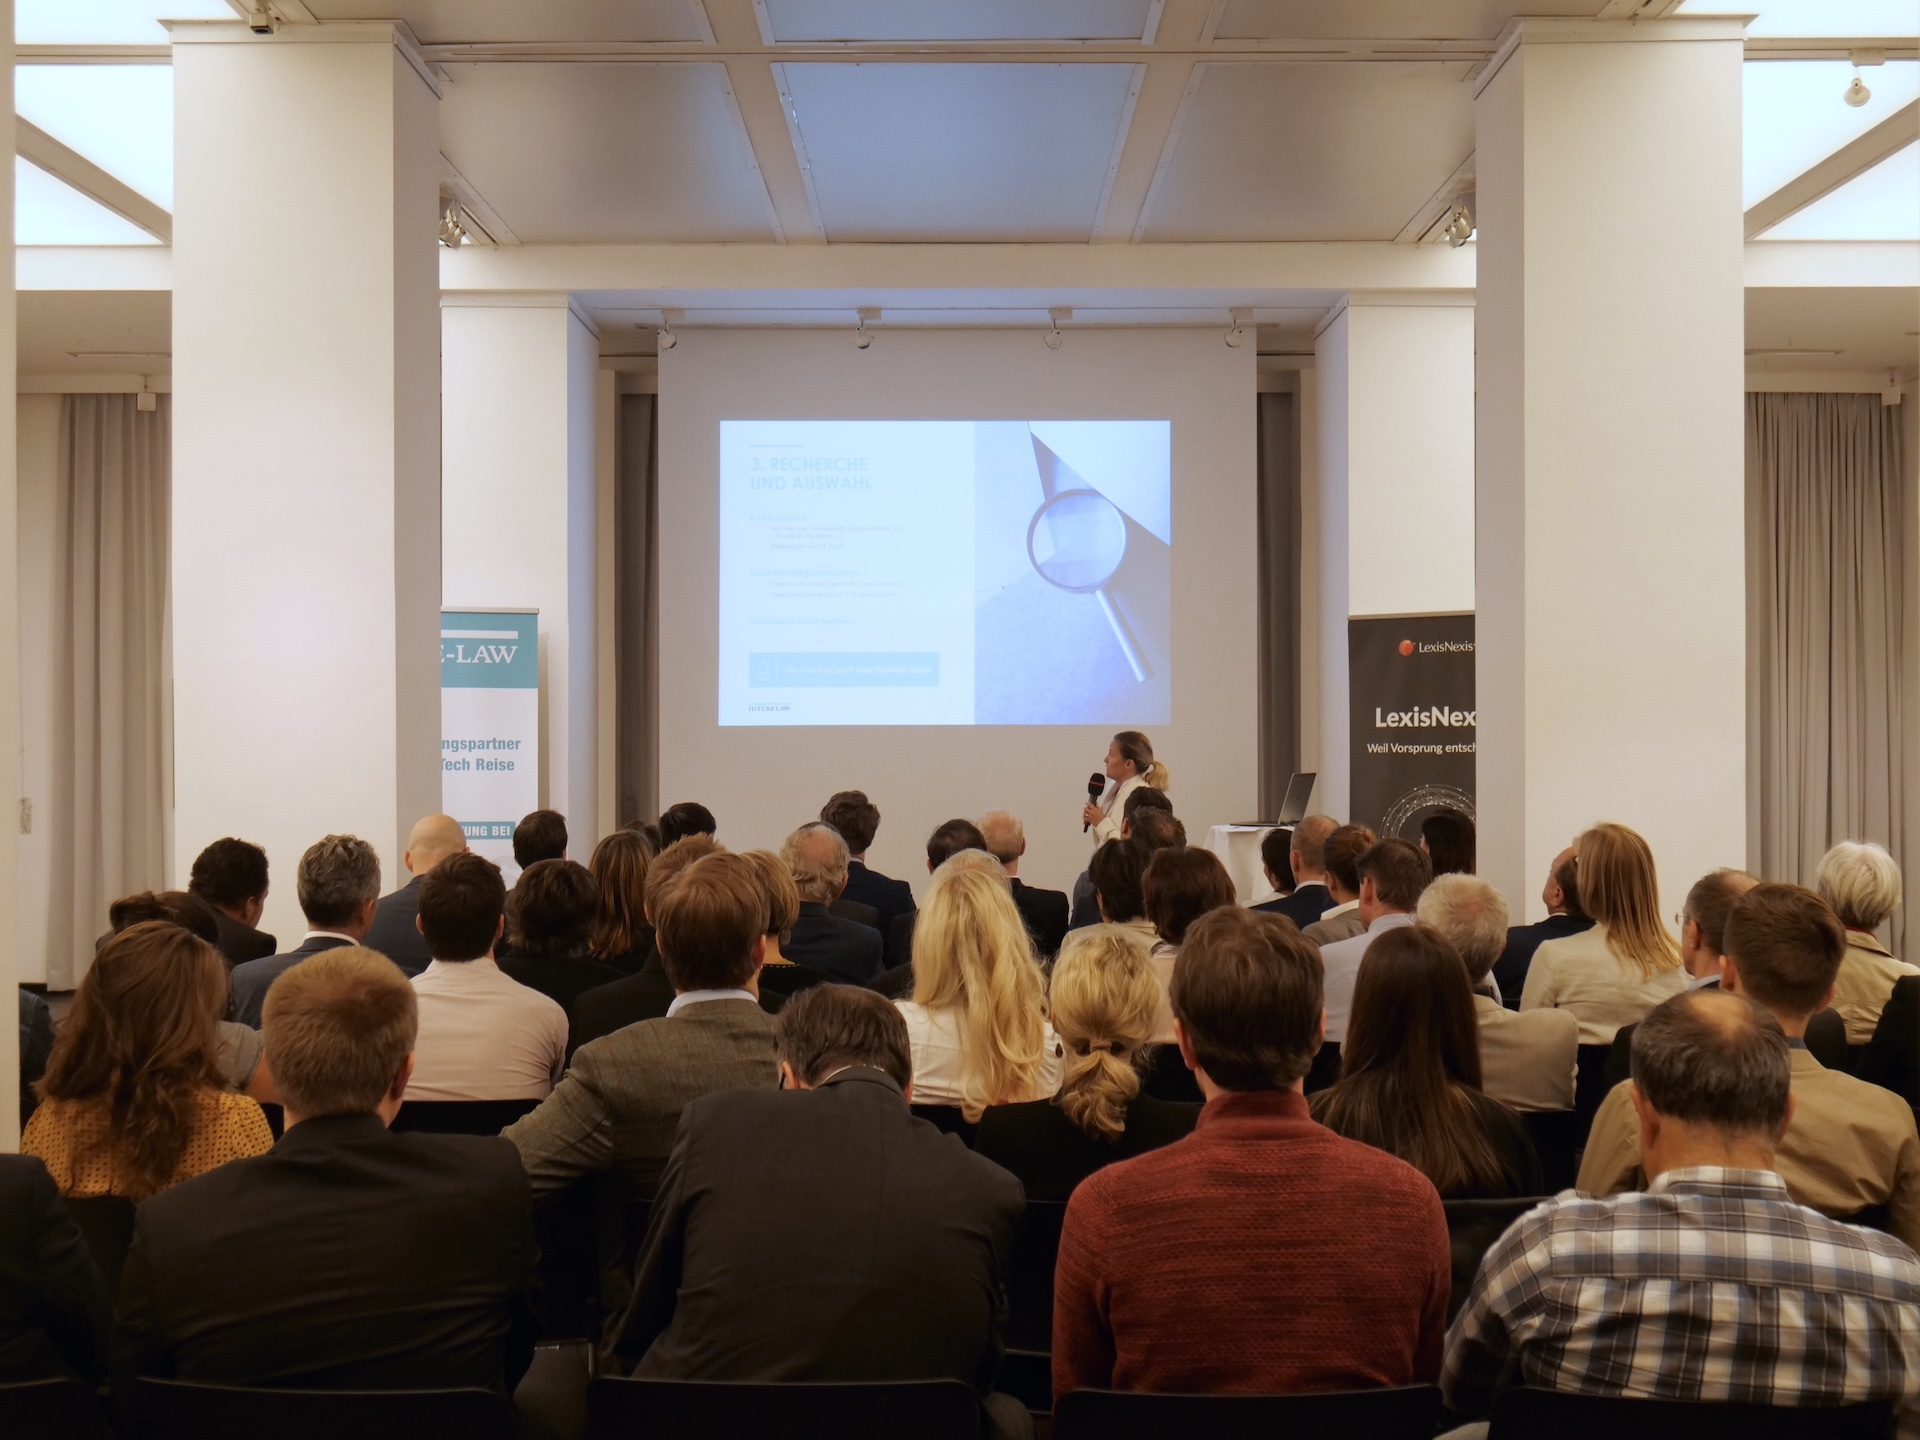 Vortrag Leinwand mit Publikum